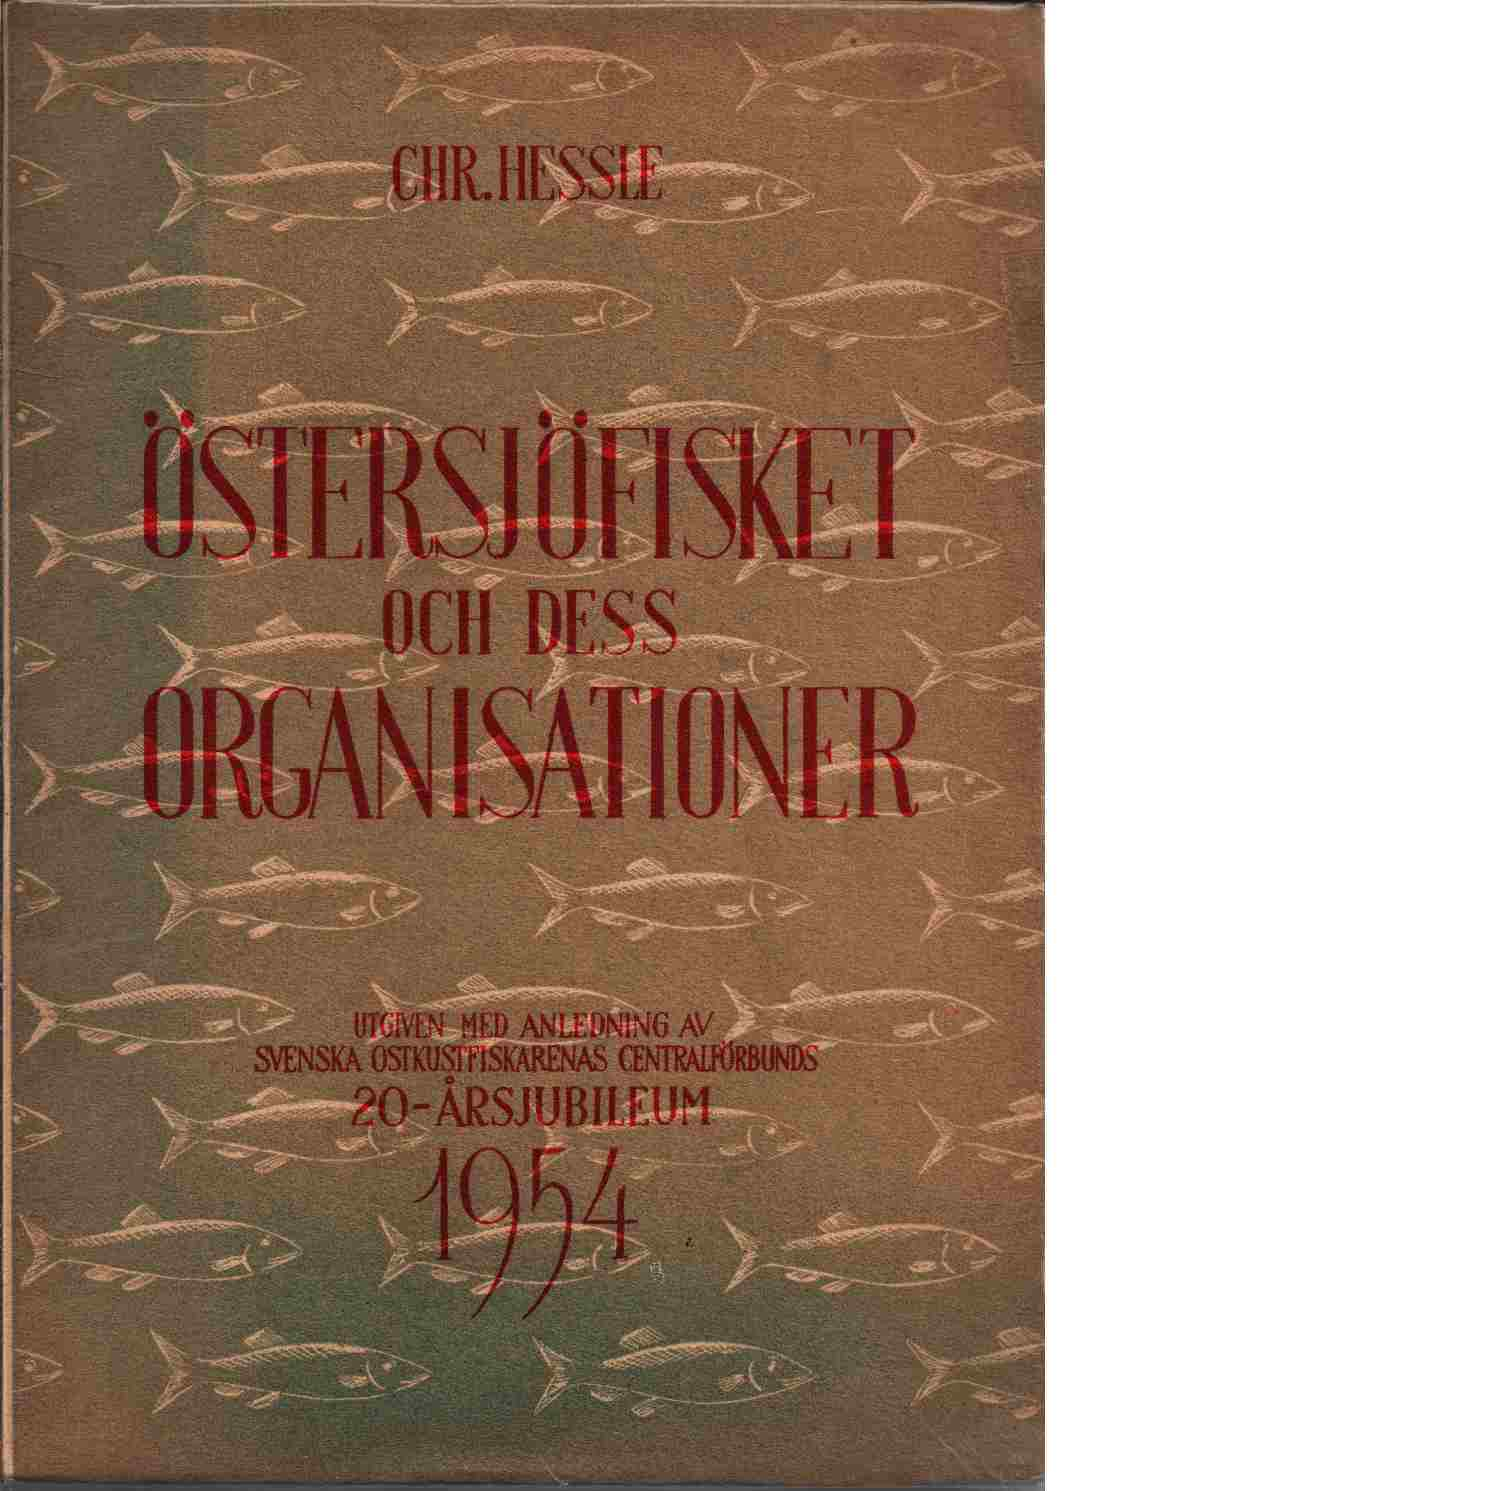 Östersjöfisket och dess organisationer - Hessle, Christian